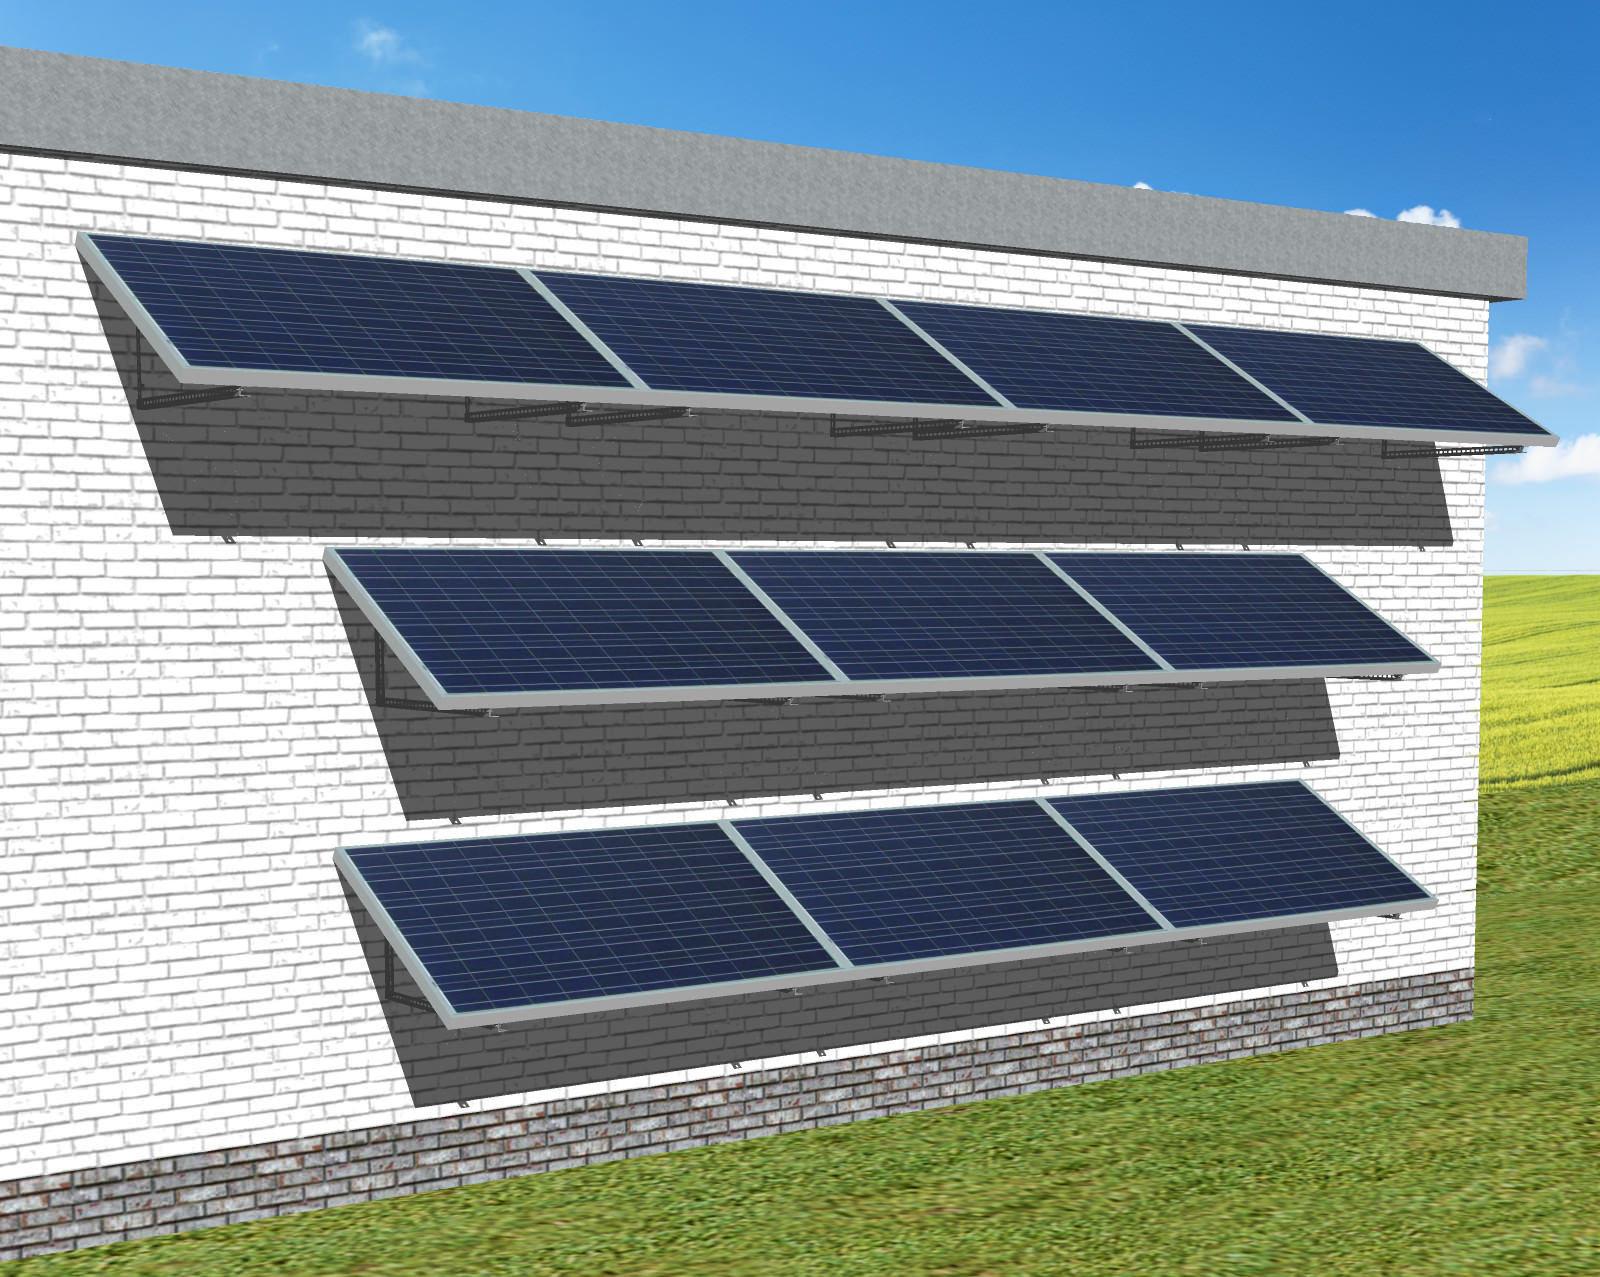 myCleantechSolarPower™ Solaranalage Fassade oder Carport mit 10 Pannels - Musterbild